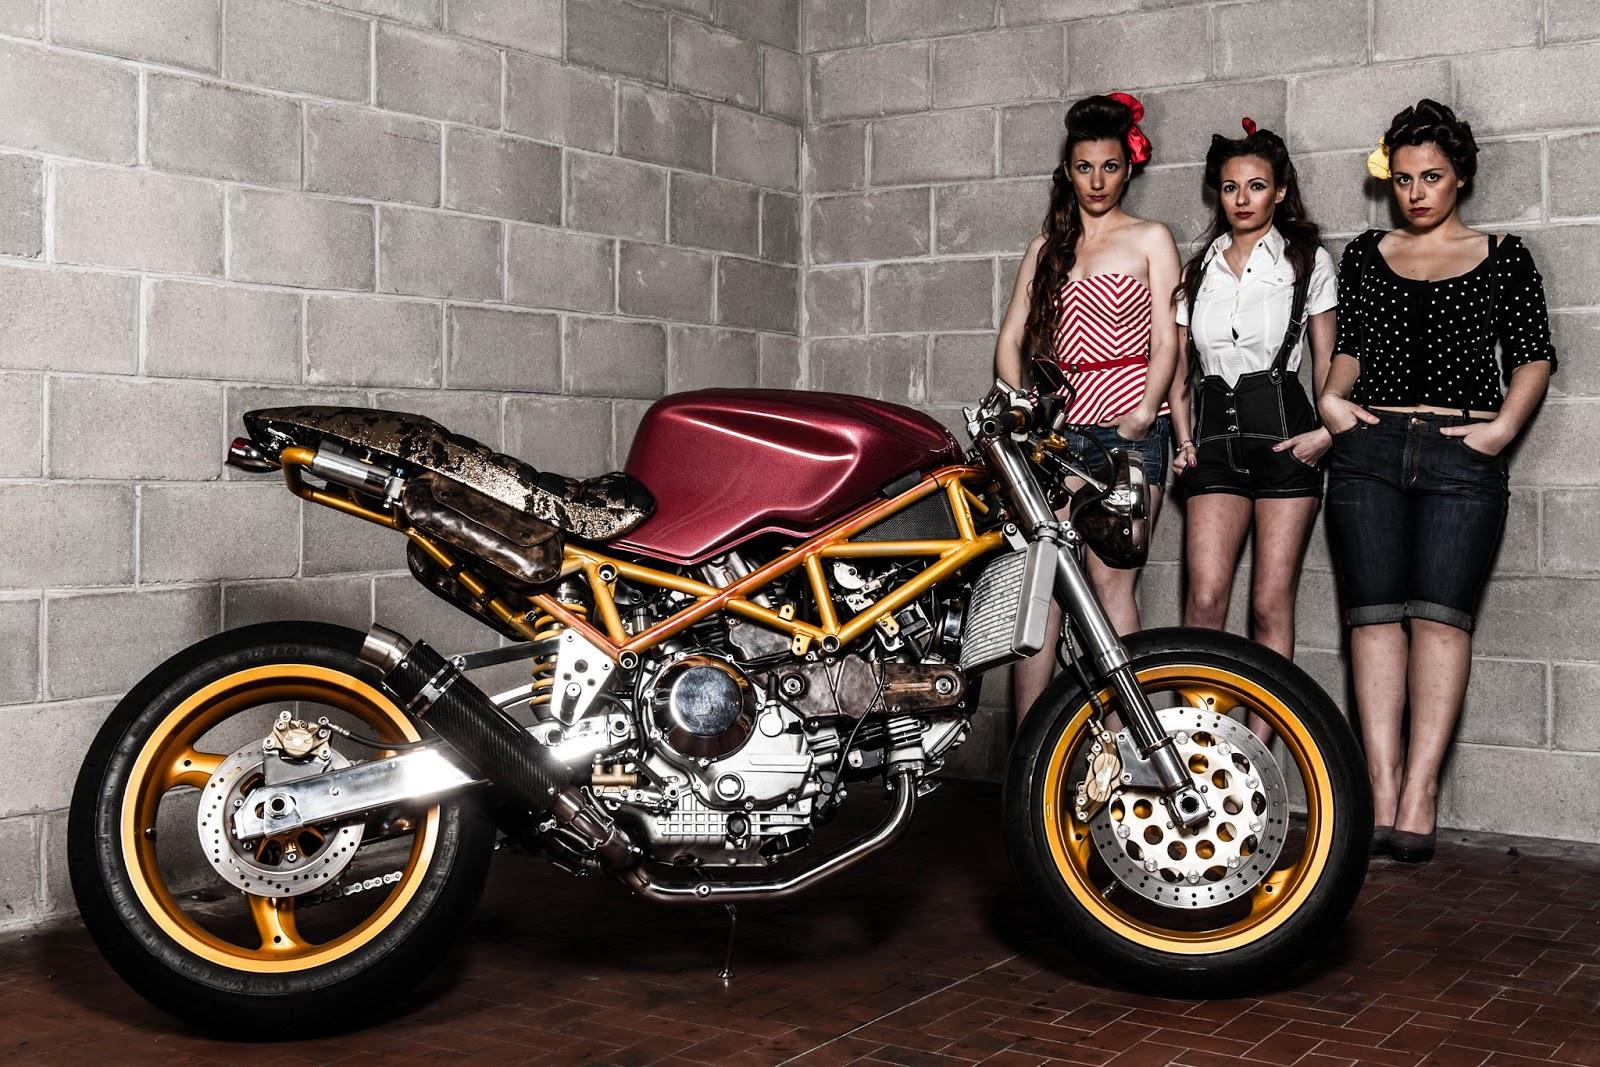 Motorcycle women wallpaper wallpapersafari - Cafe racer background ...